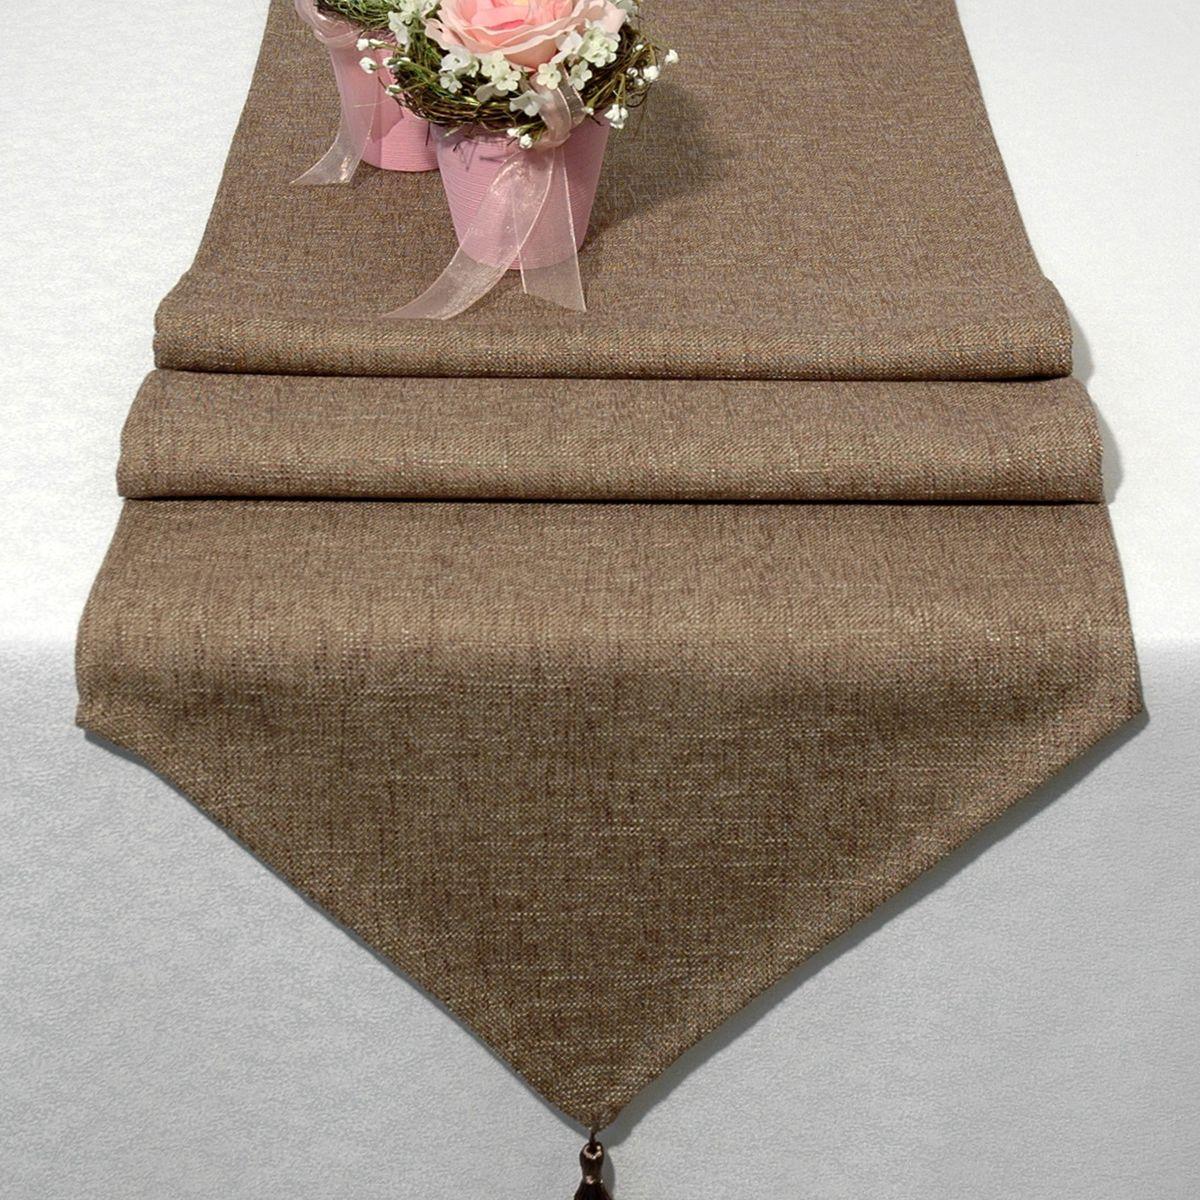 Дорожка для декорирования стола Schaefer, 40x160 см. 06747-25406747-254